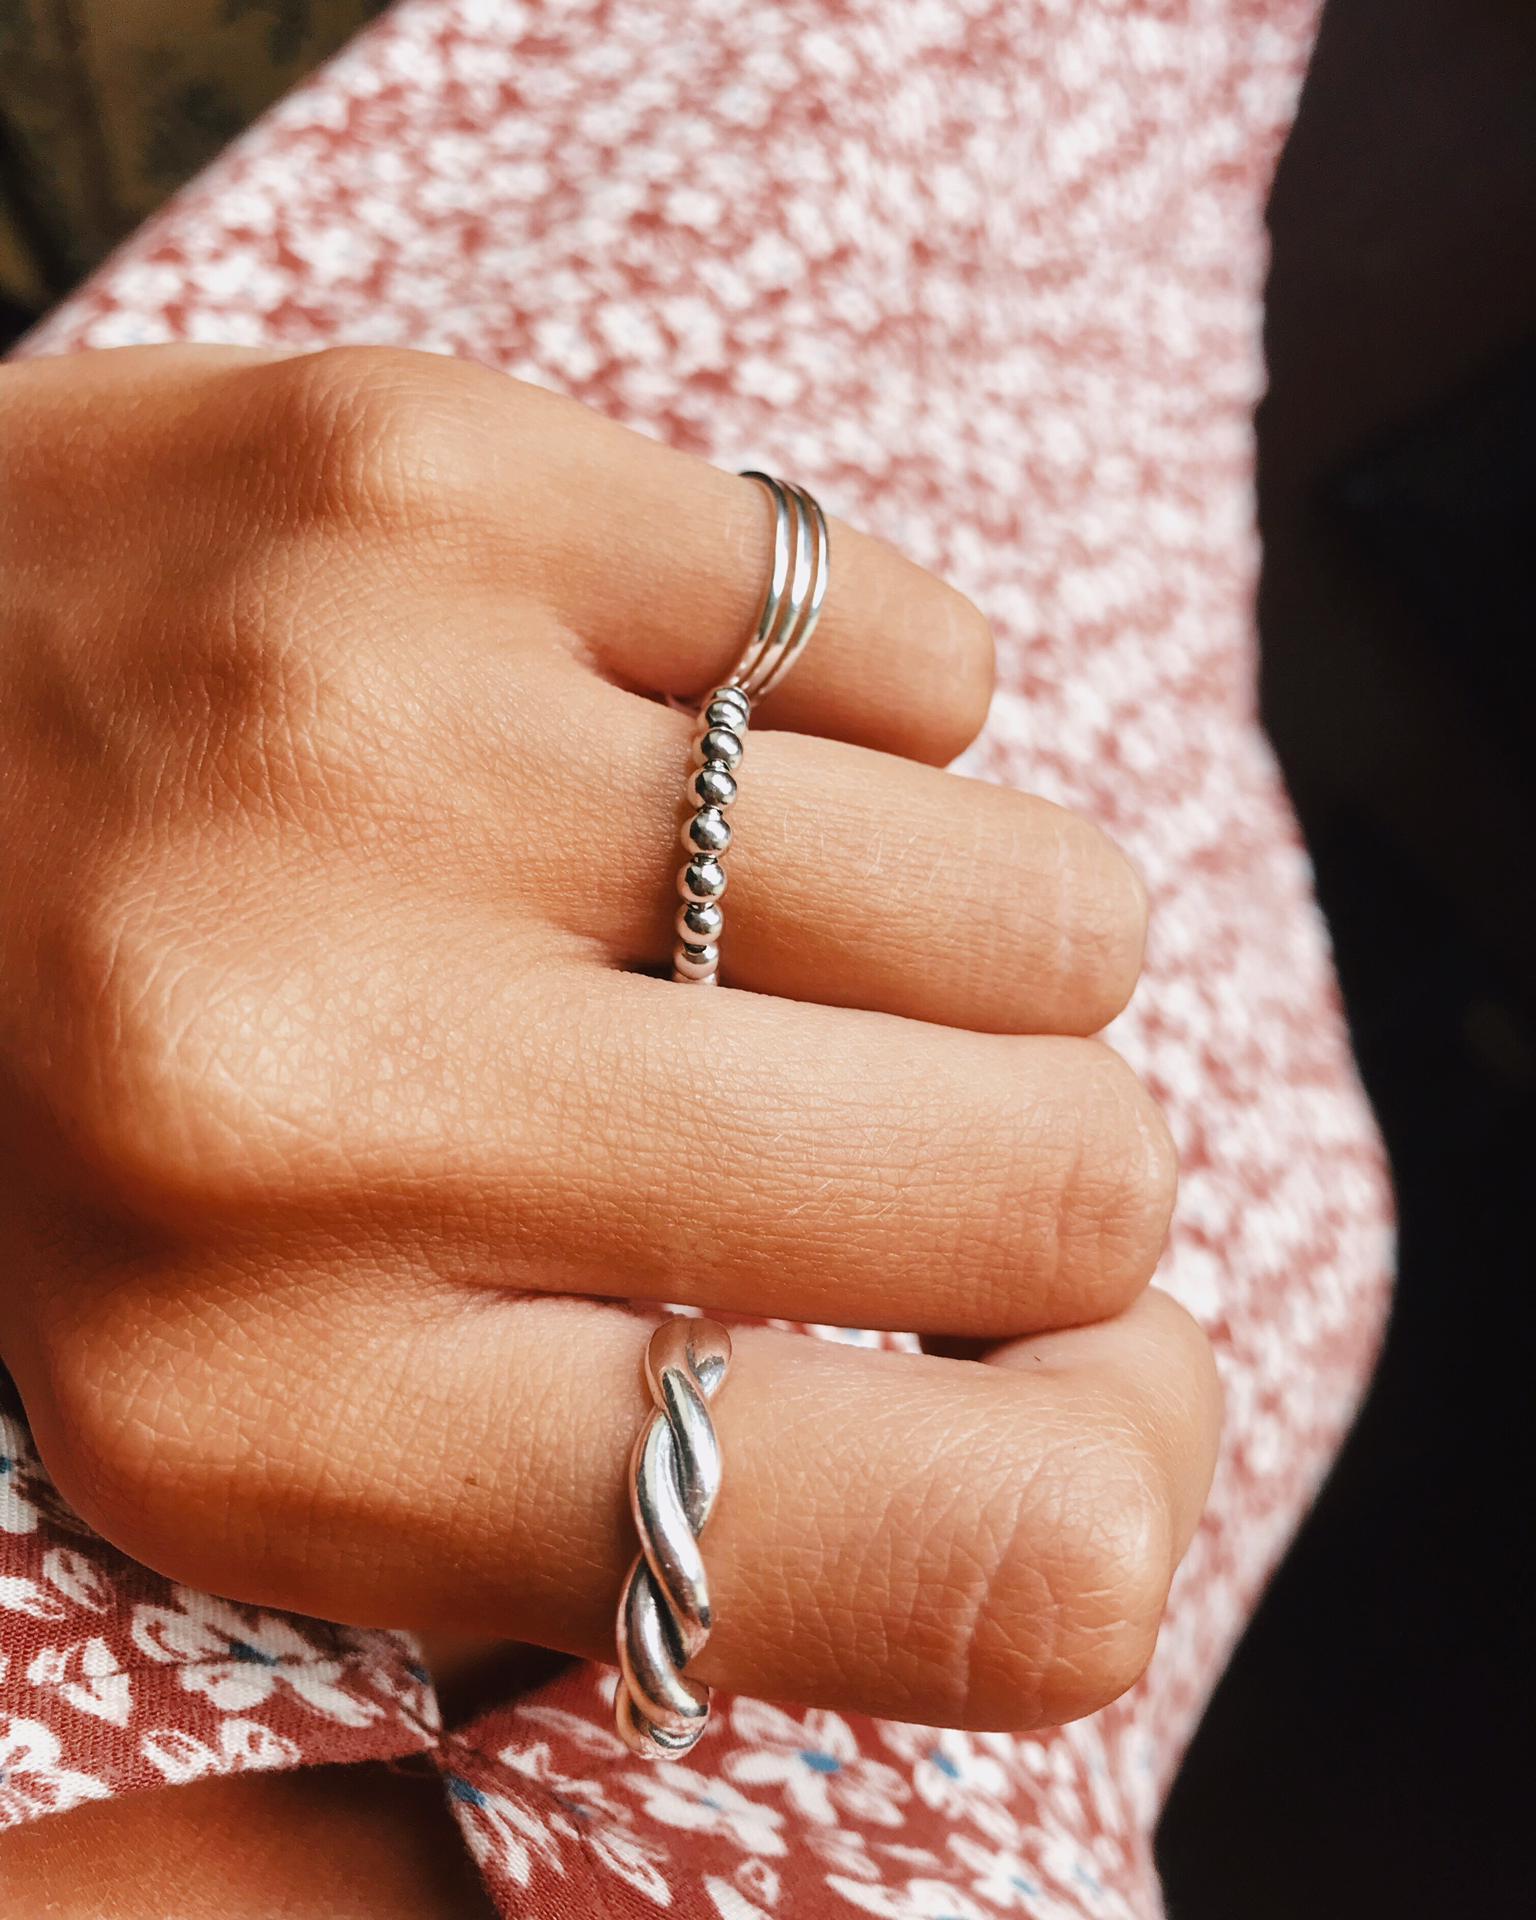 Anéis em prata - Roberta